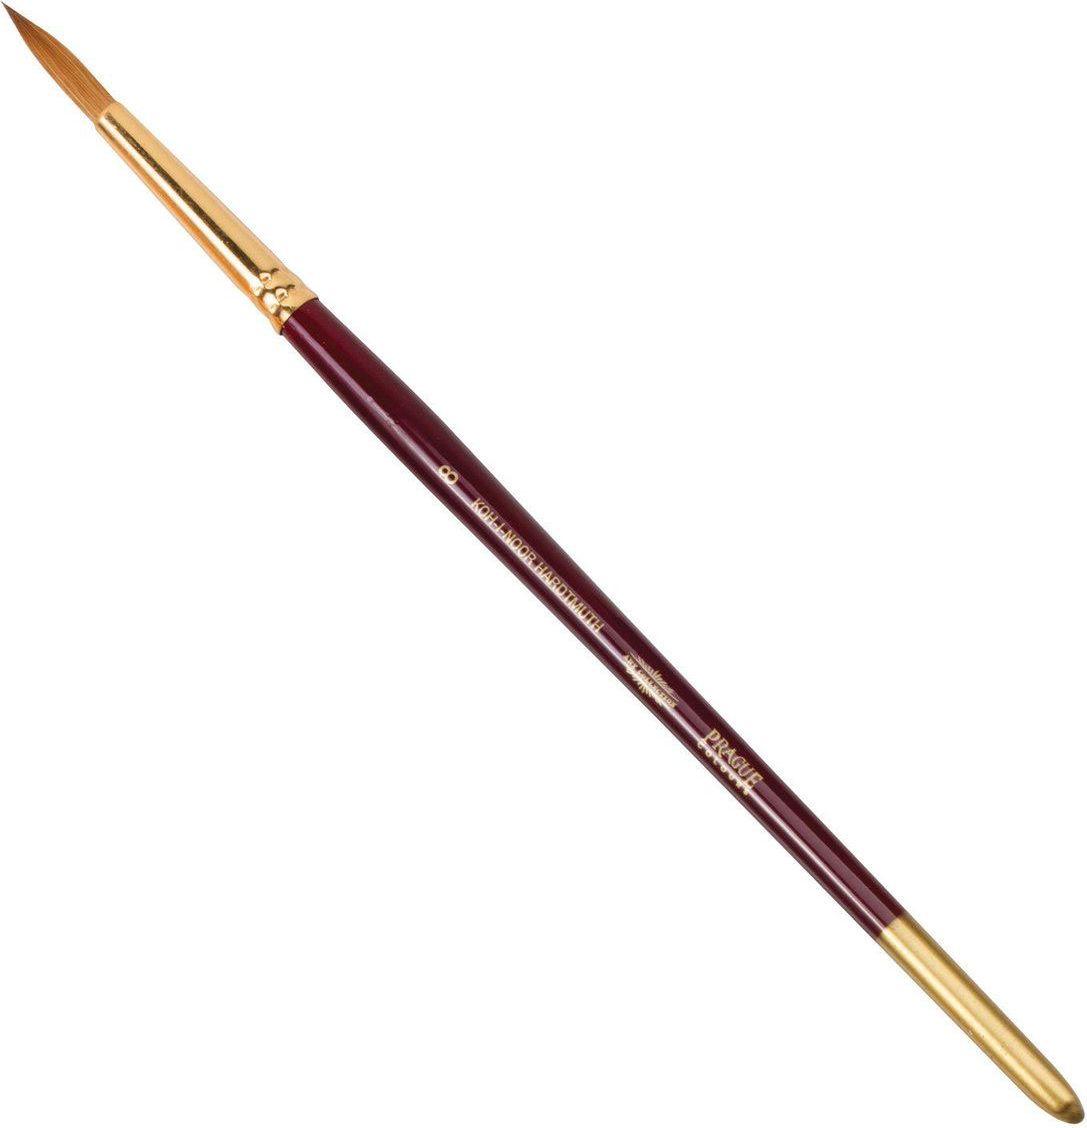 Koh-I-Noor Кисть колонок круглая №8 короткая ручка200396Высококачественная кисть  Koh-i-Noor выполнена из натурального волоса колонка. Волос прекрасно сохраняет форму, не ломается, впитывает влагу и хорошо моется под проточной струей воды. Подходит для акварели и индийских красок.